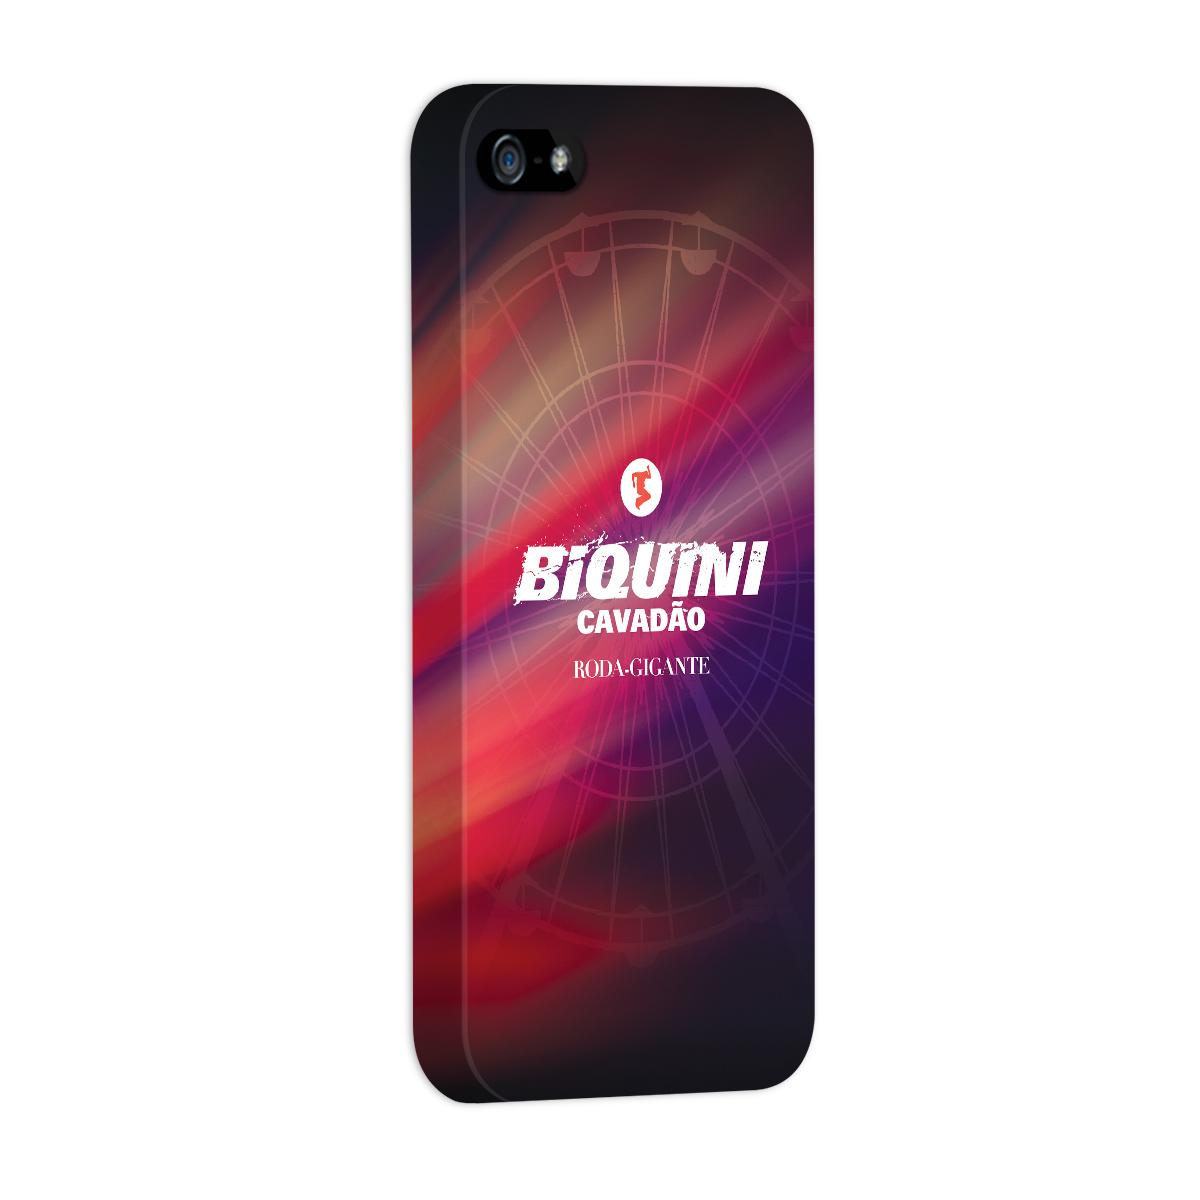 Capa de Iphone 5/5S Biquini Cavadão Logo